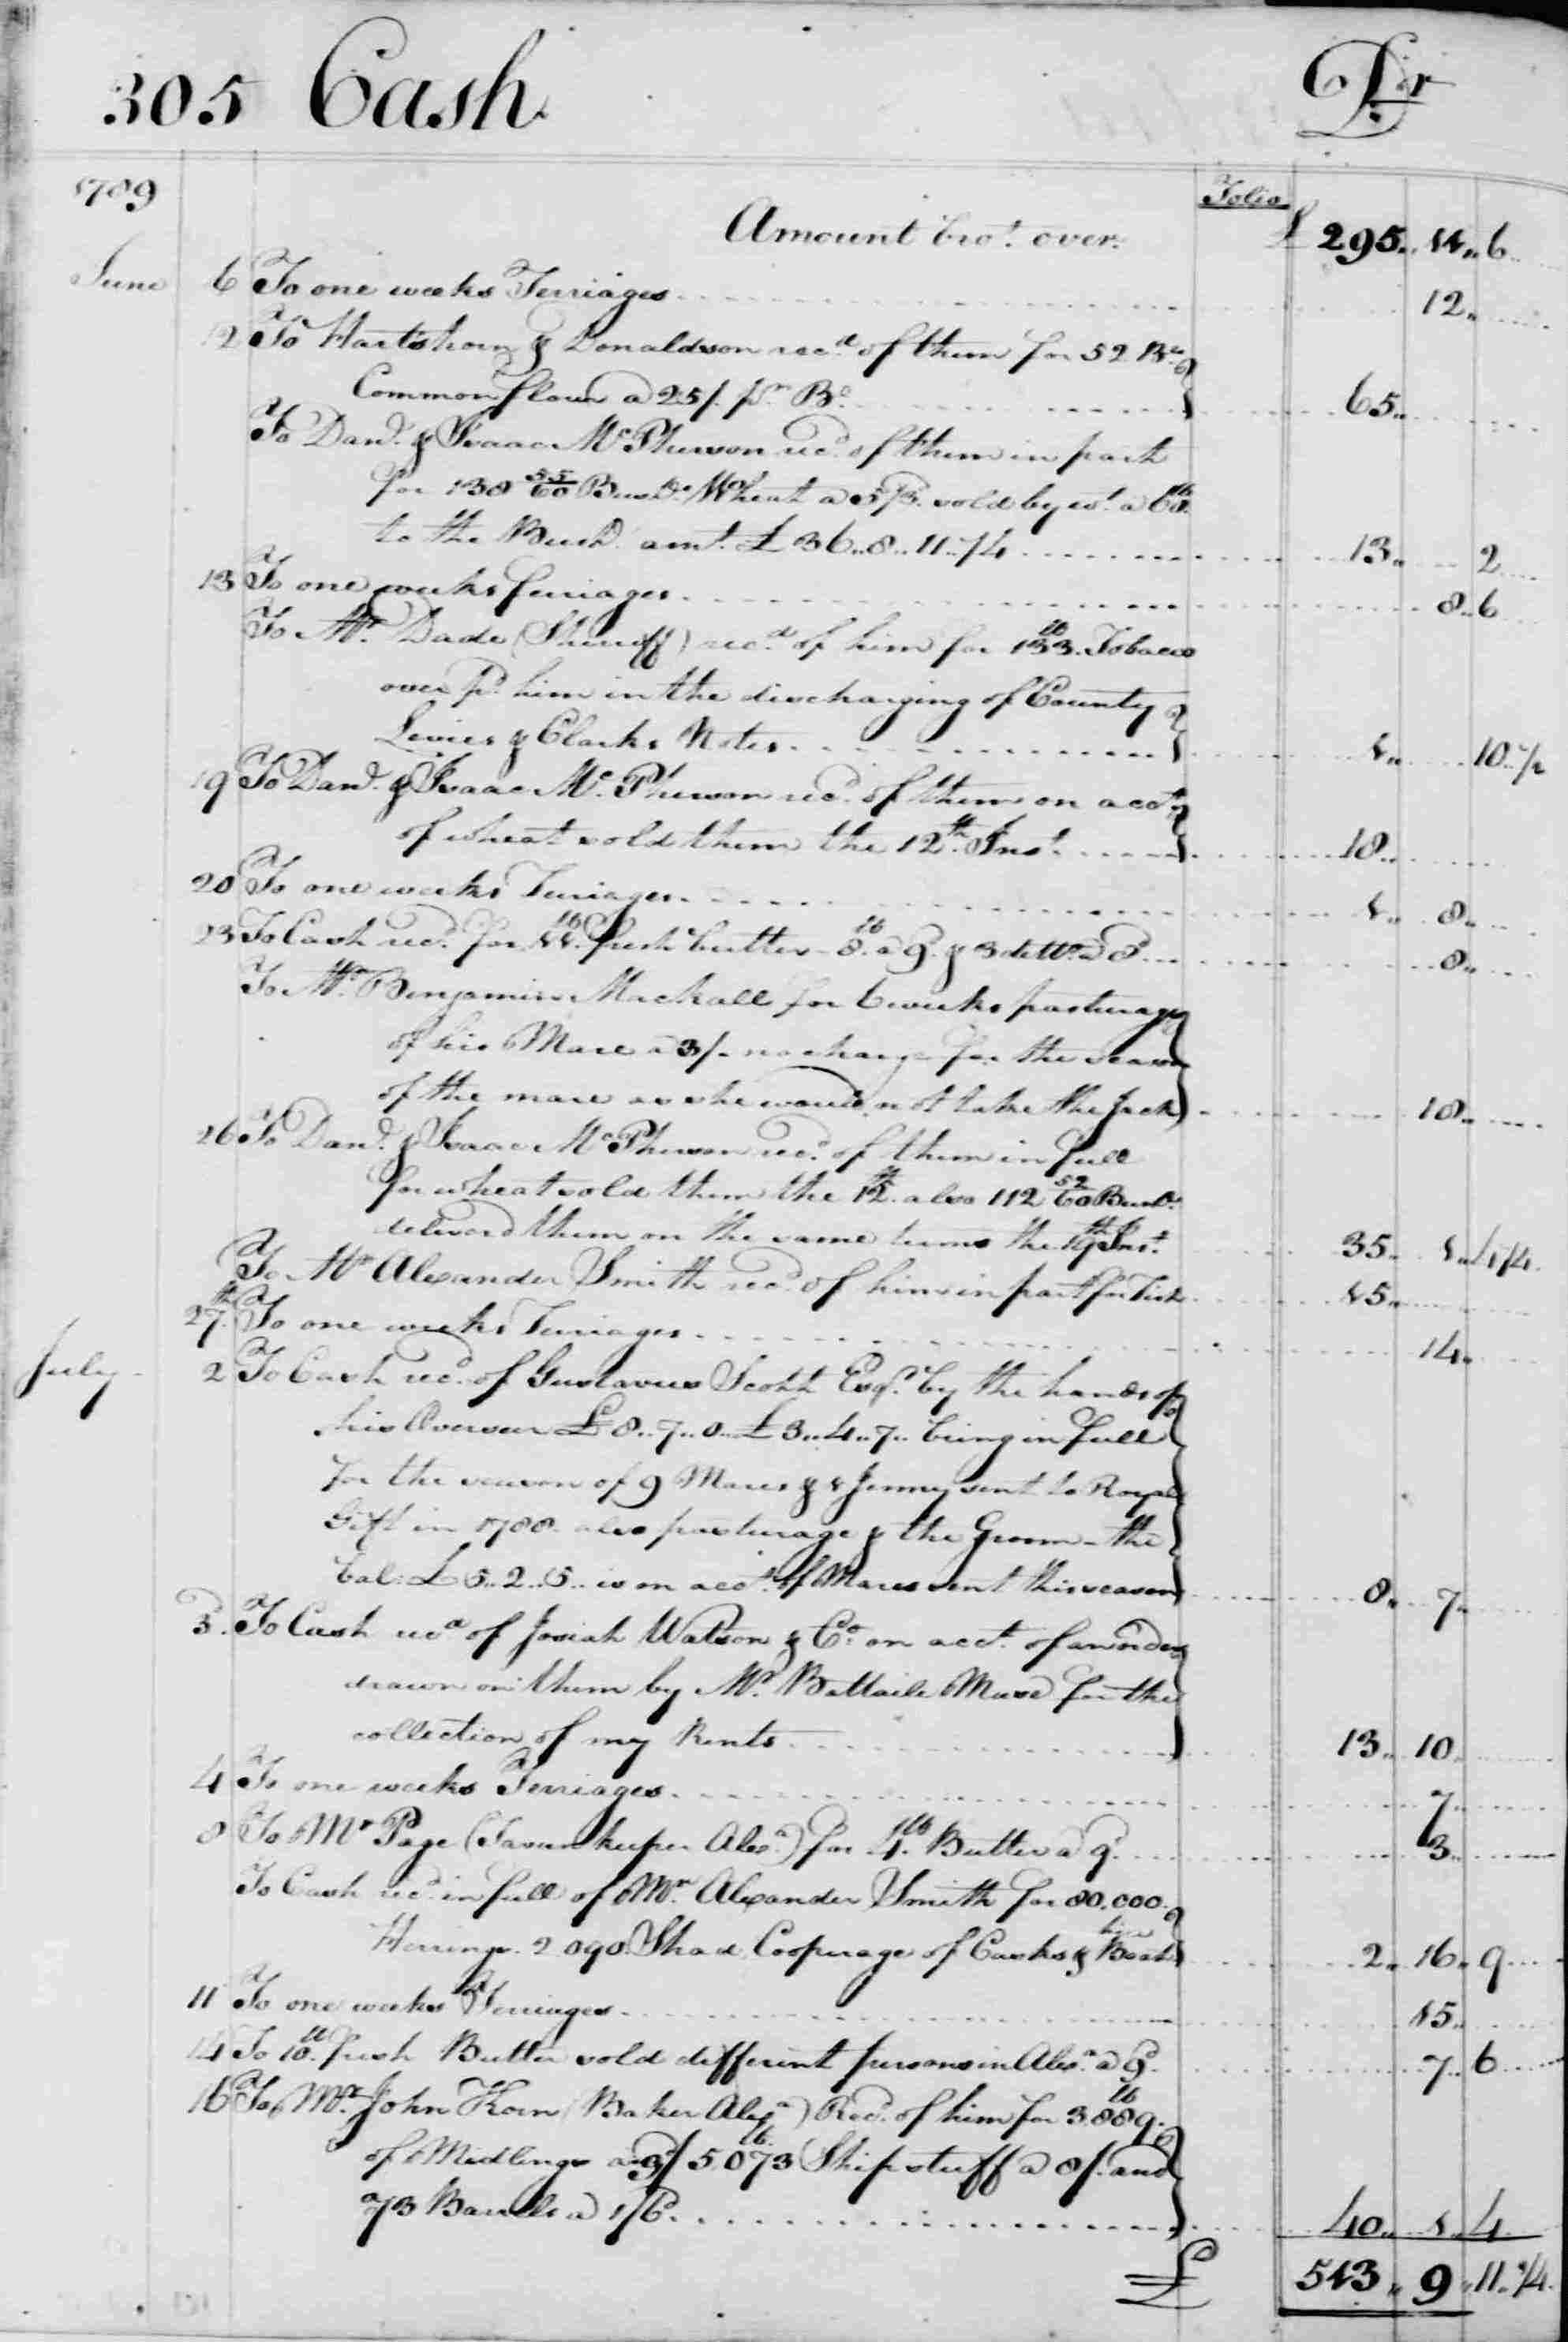 Ledger B, folio 305, left side